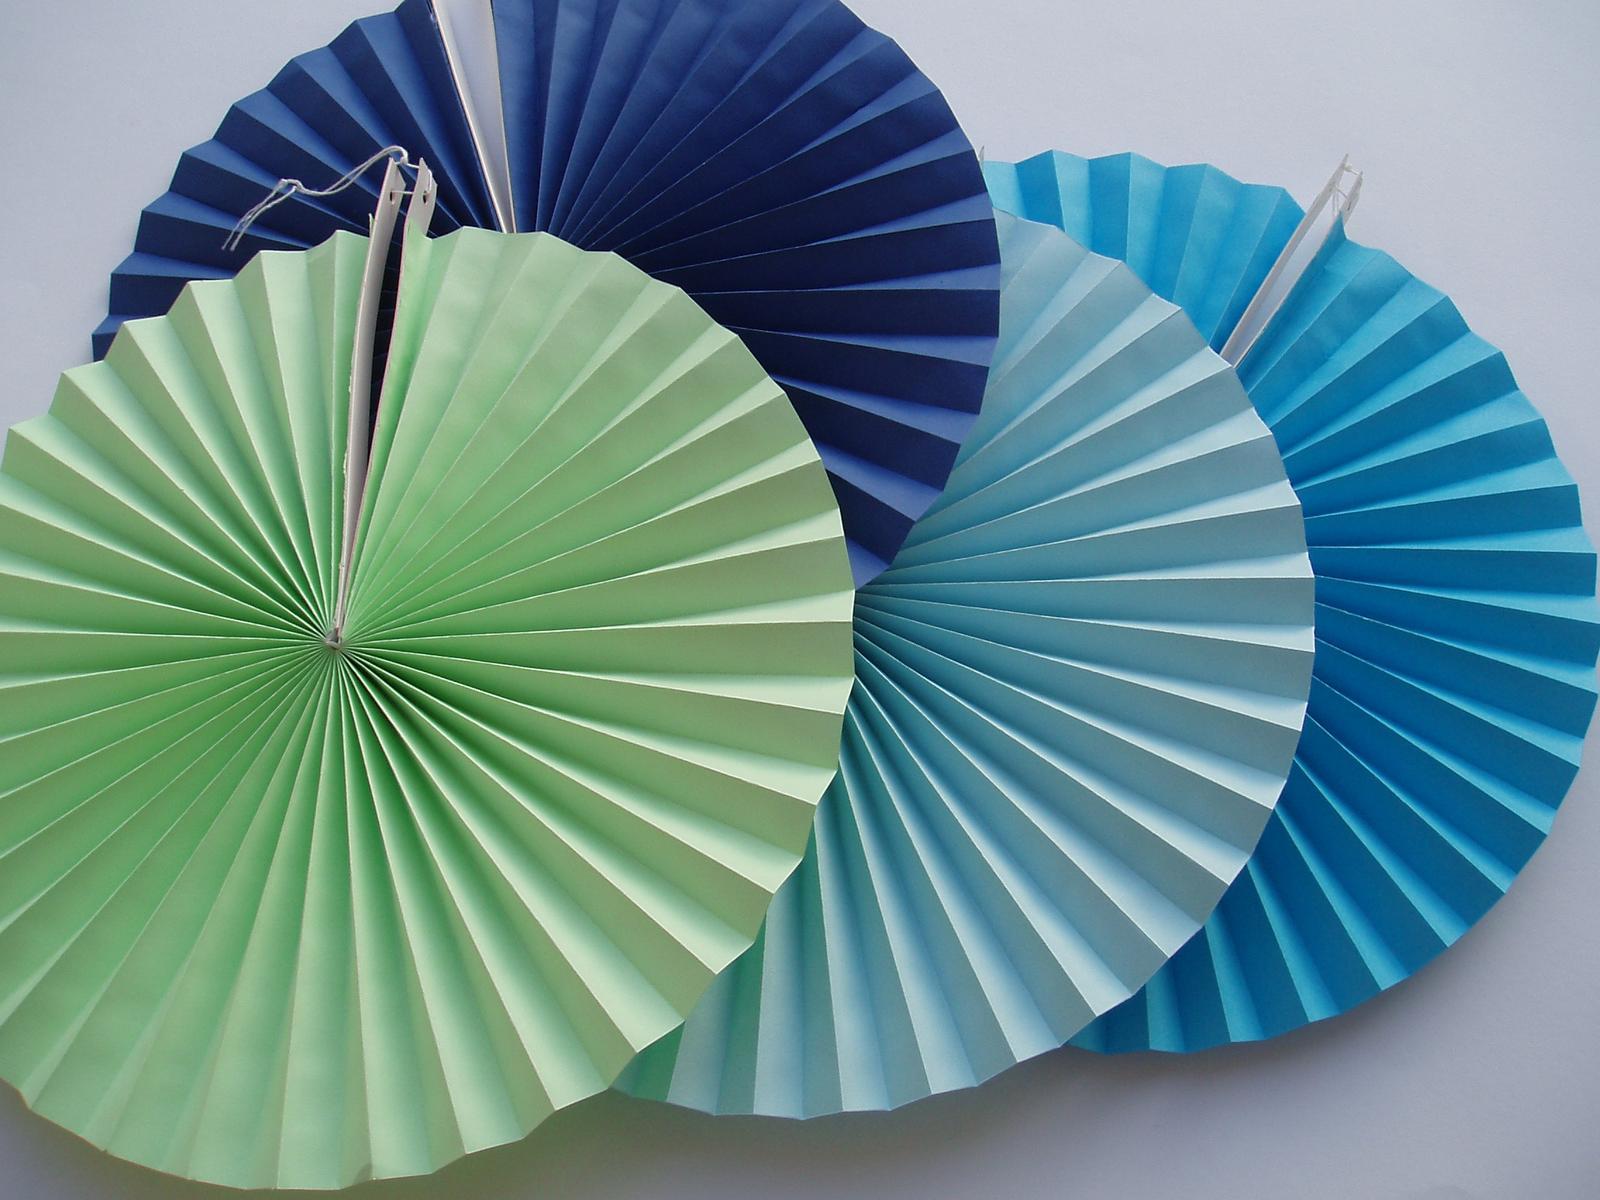 rozeta tmavě modrá - Obrázek č. 1